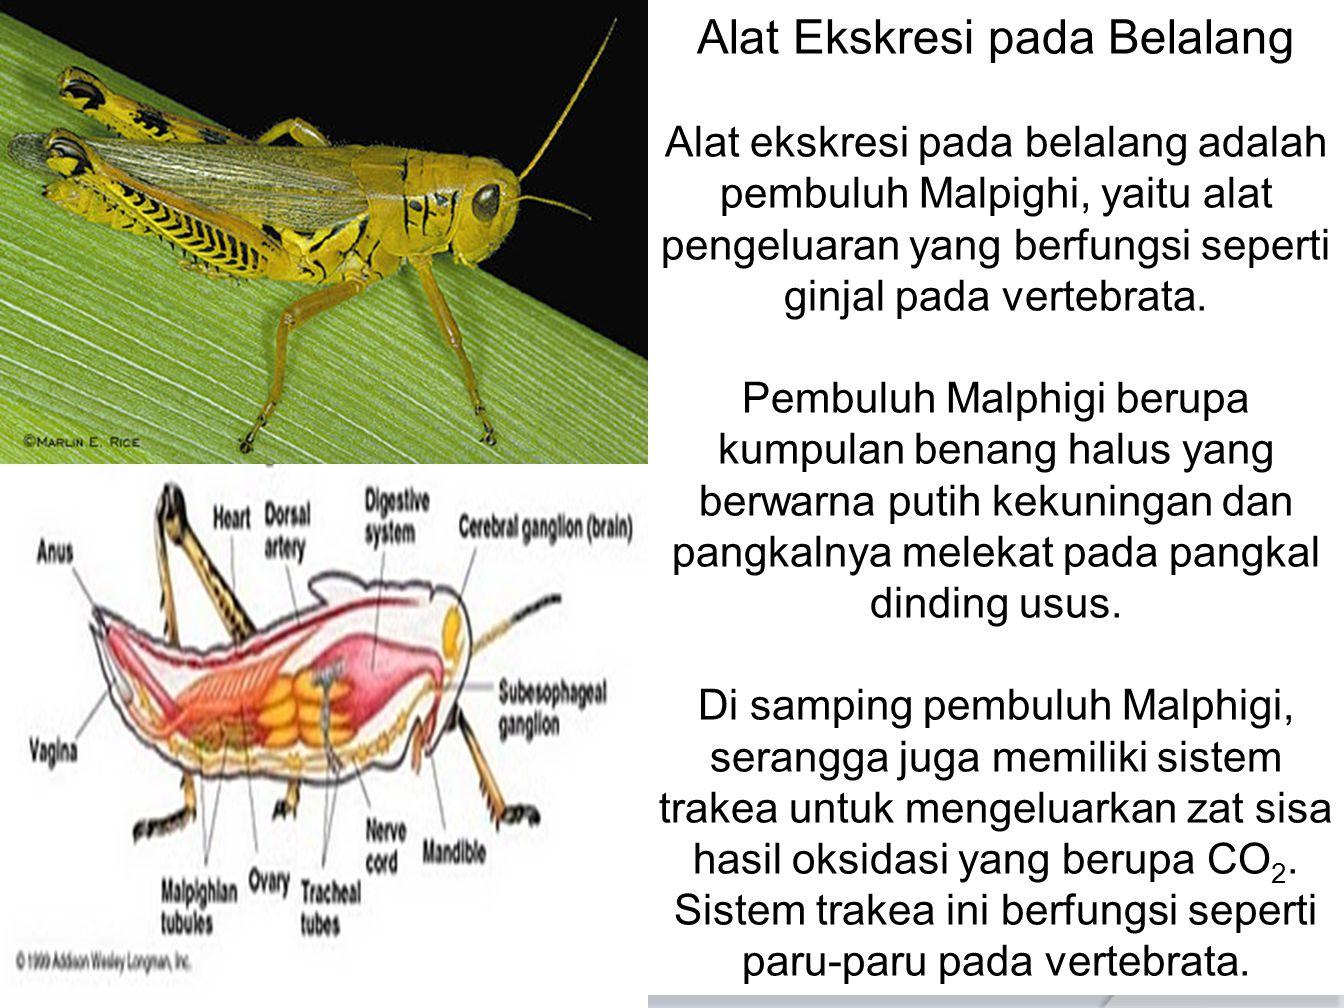 Alat Ekskresi pada Belalang Alat ekskresi pada belalang adalah pembuluh Malpighi, yaitu alat pengeluaran yang berfungsi seperti ginjal pada vertebrata.